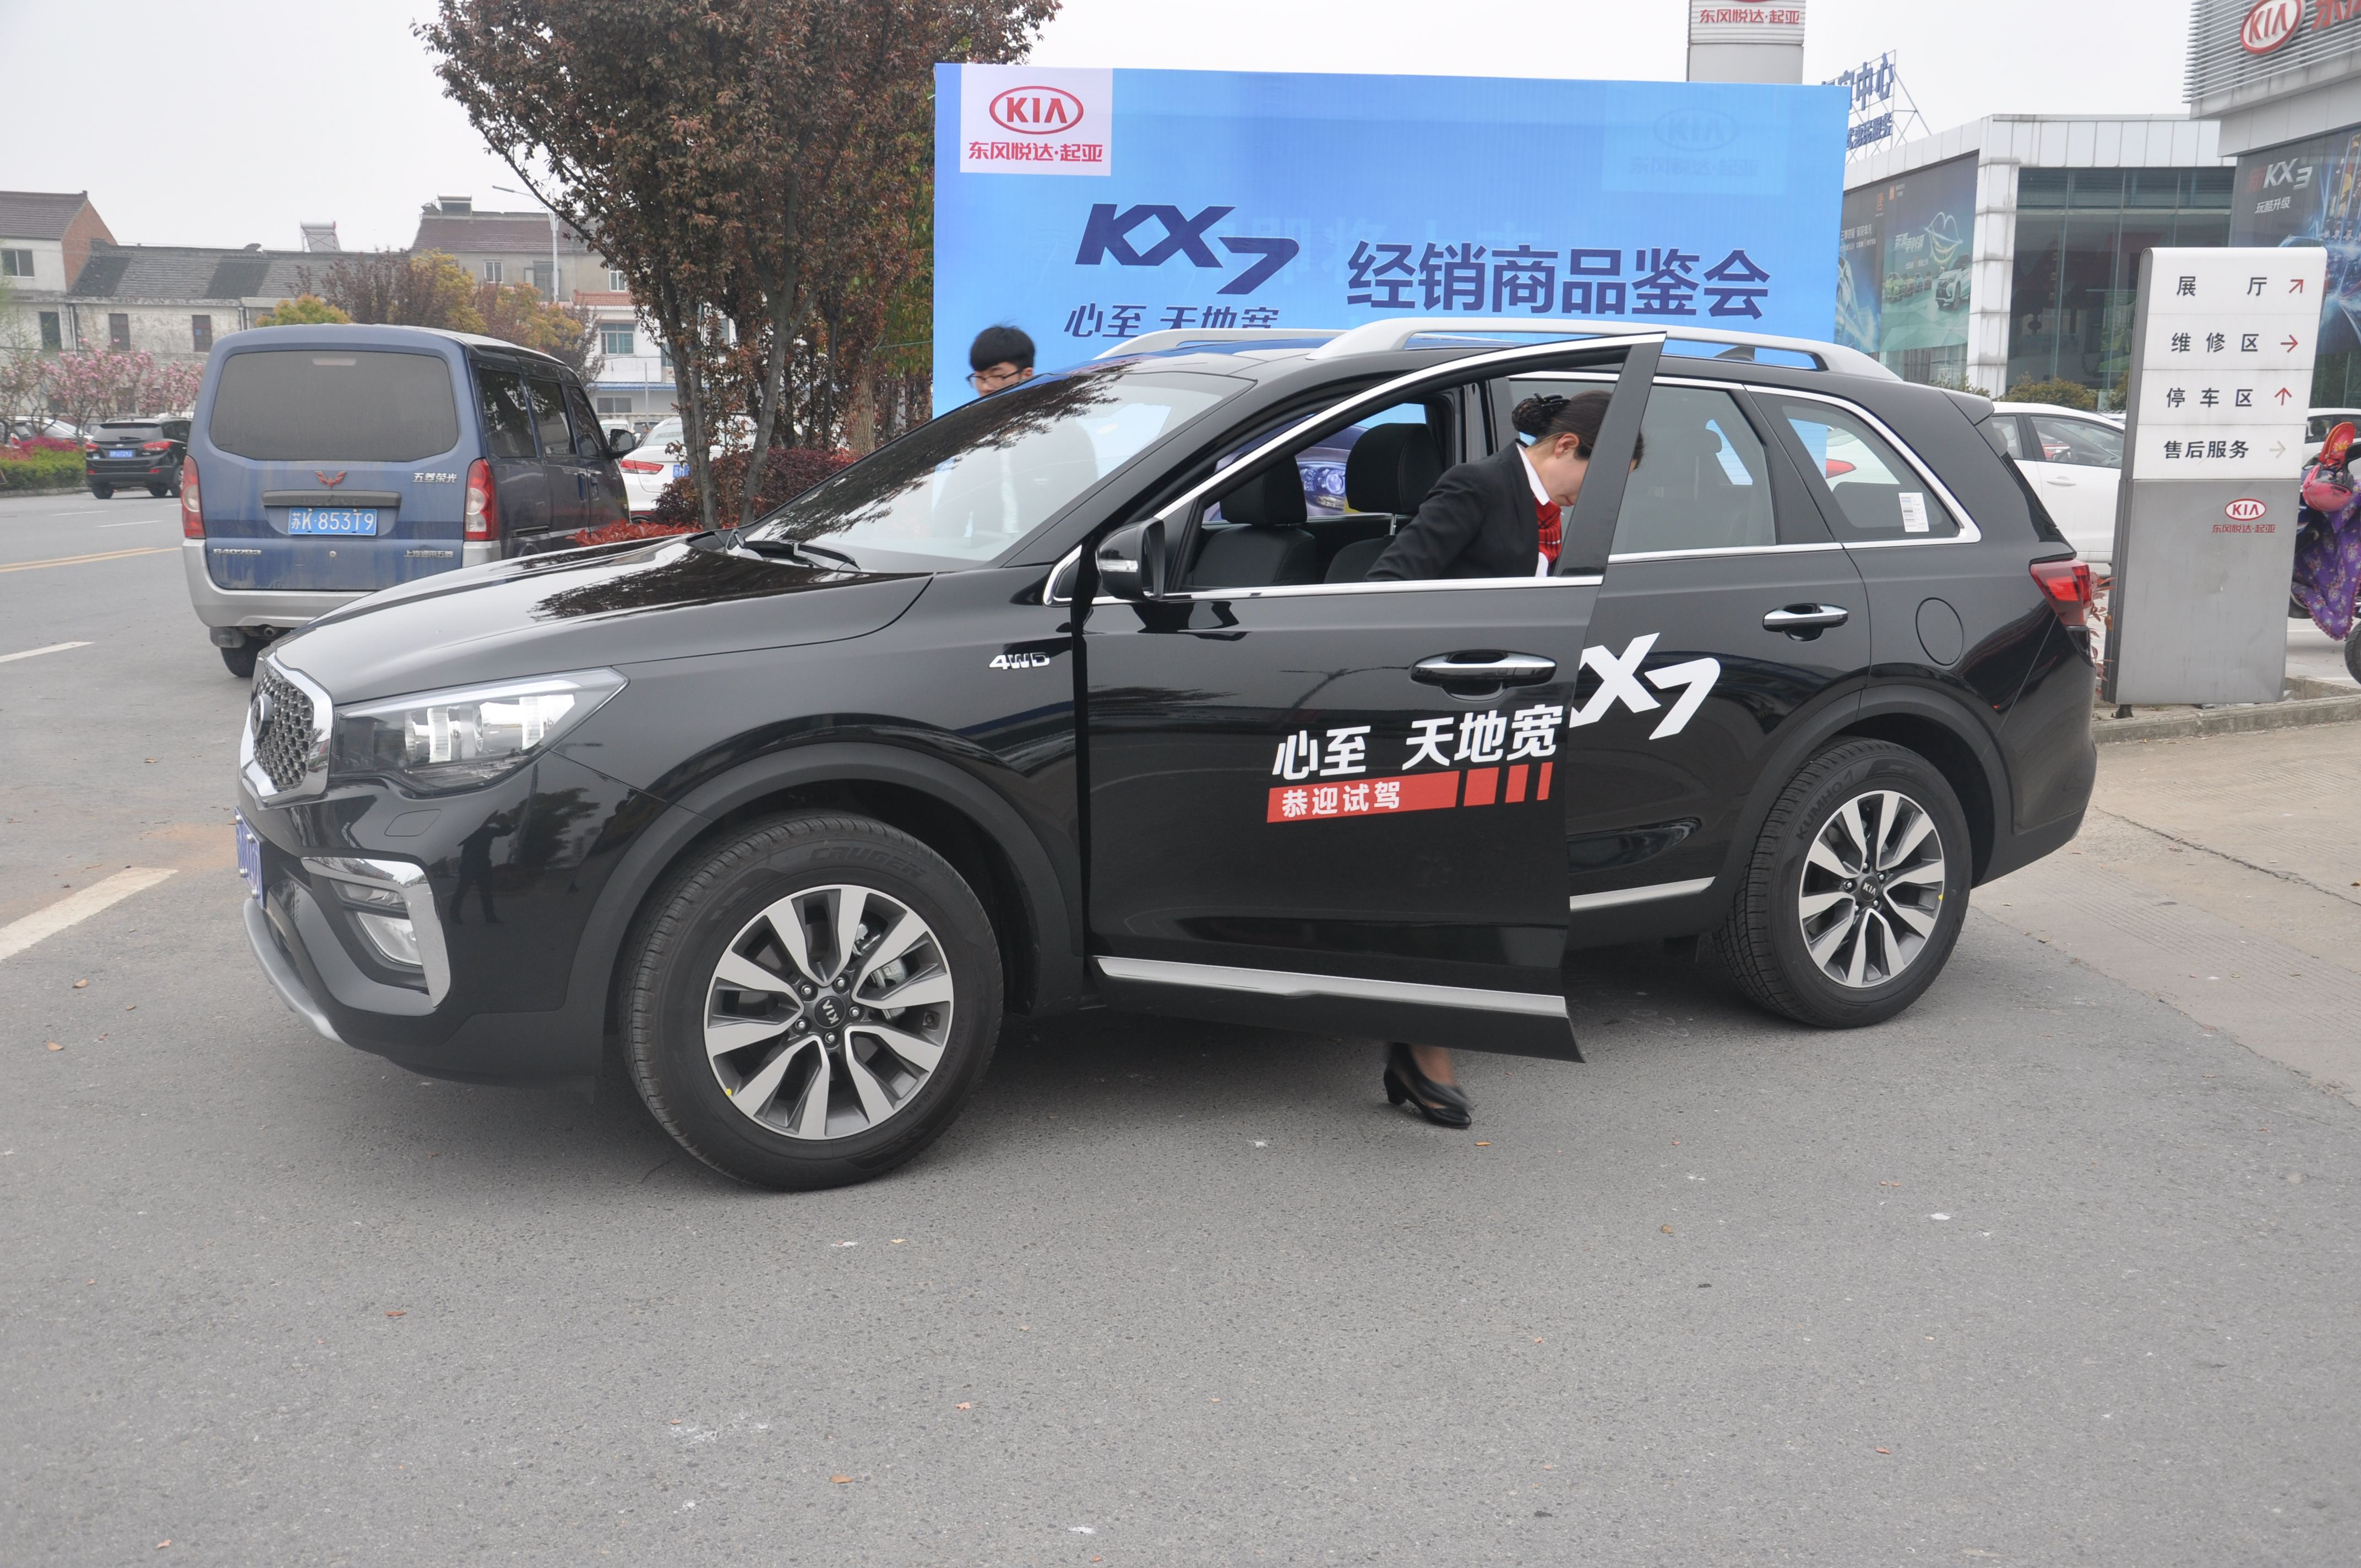 起亚硬派豪华7座SUV KX7尊跑燃情品鉴会